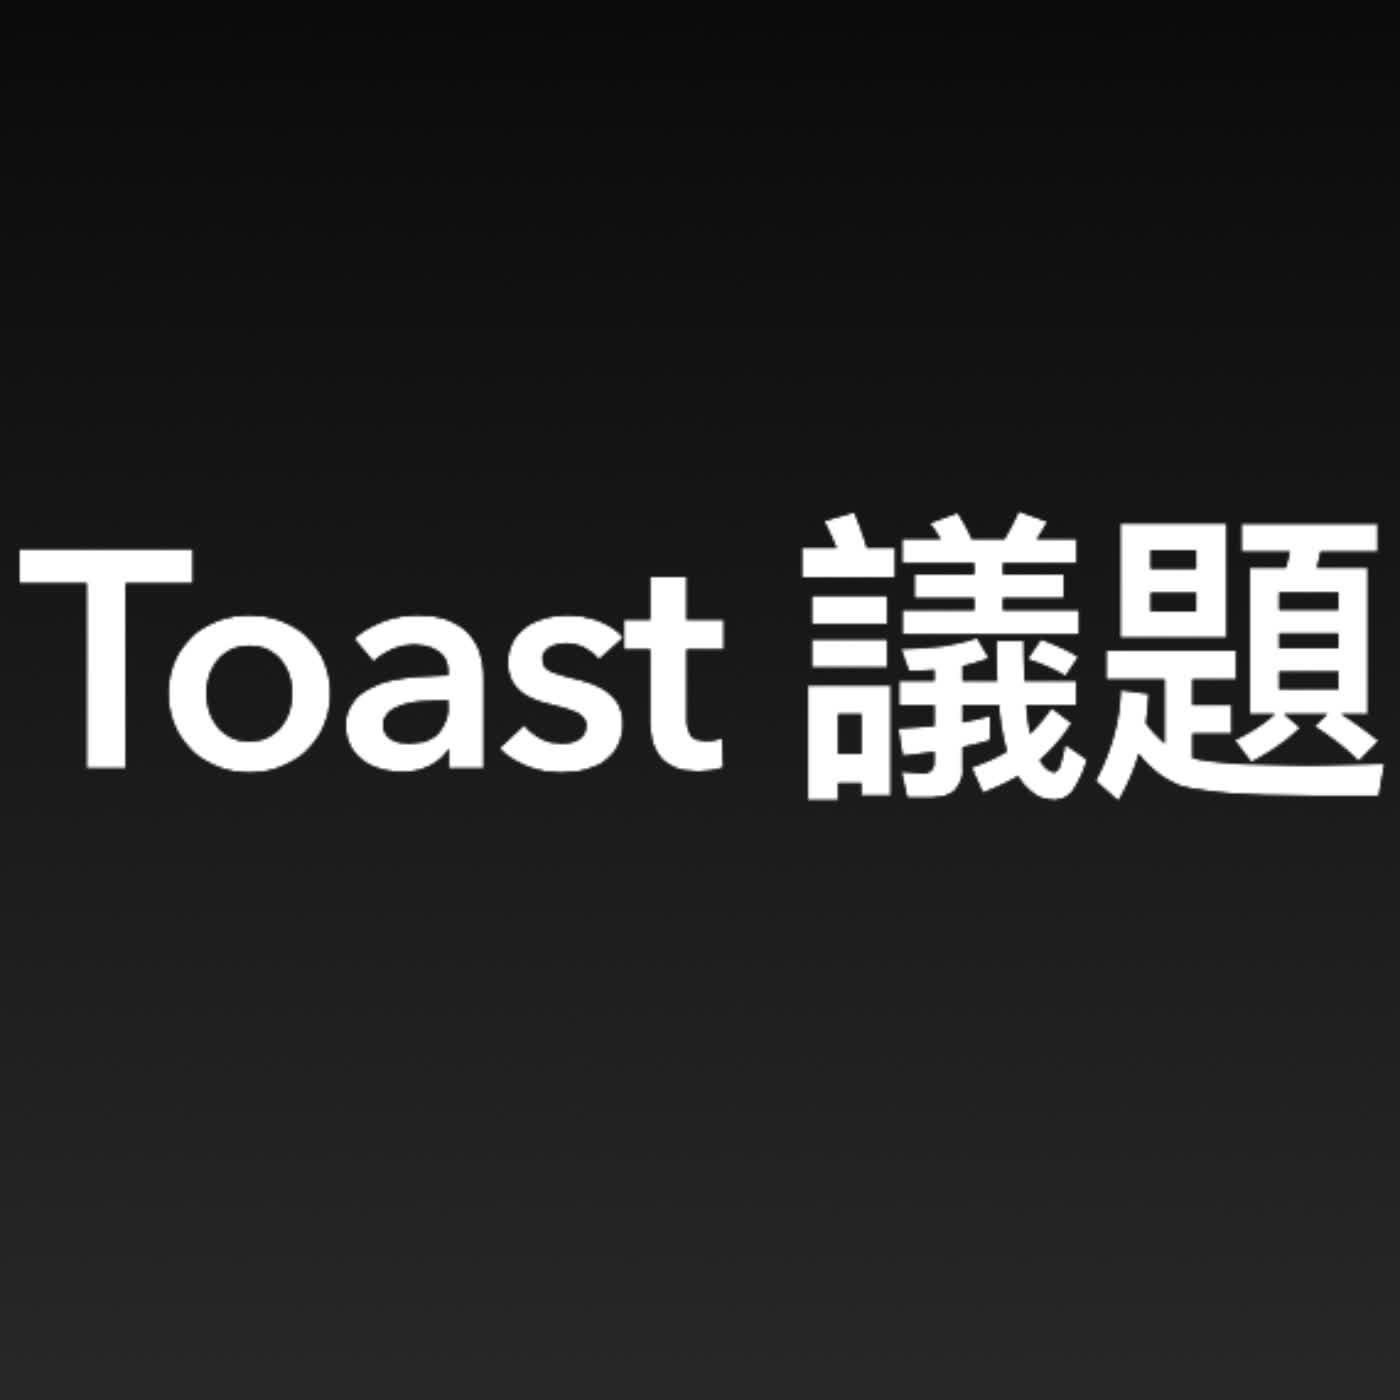 判流氓死刑也是剛好而已?——台灣最老死刑犯王信福